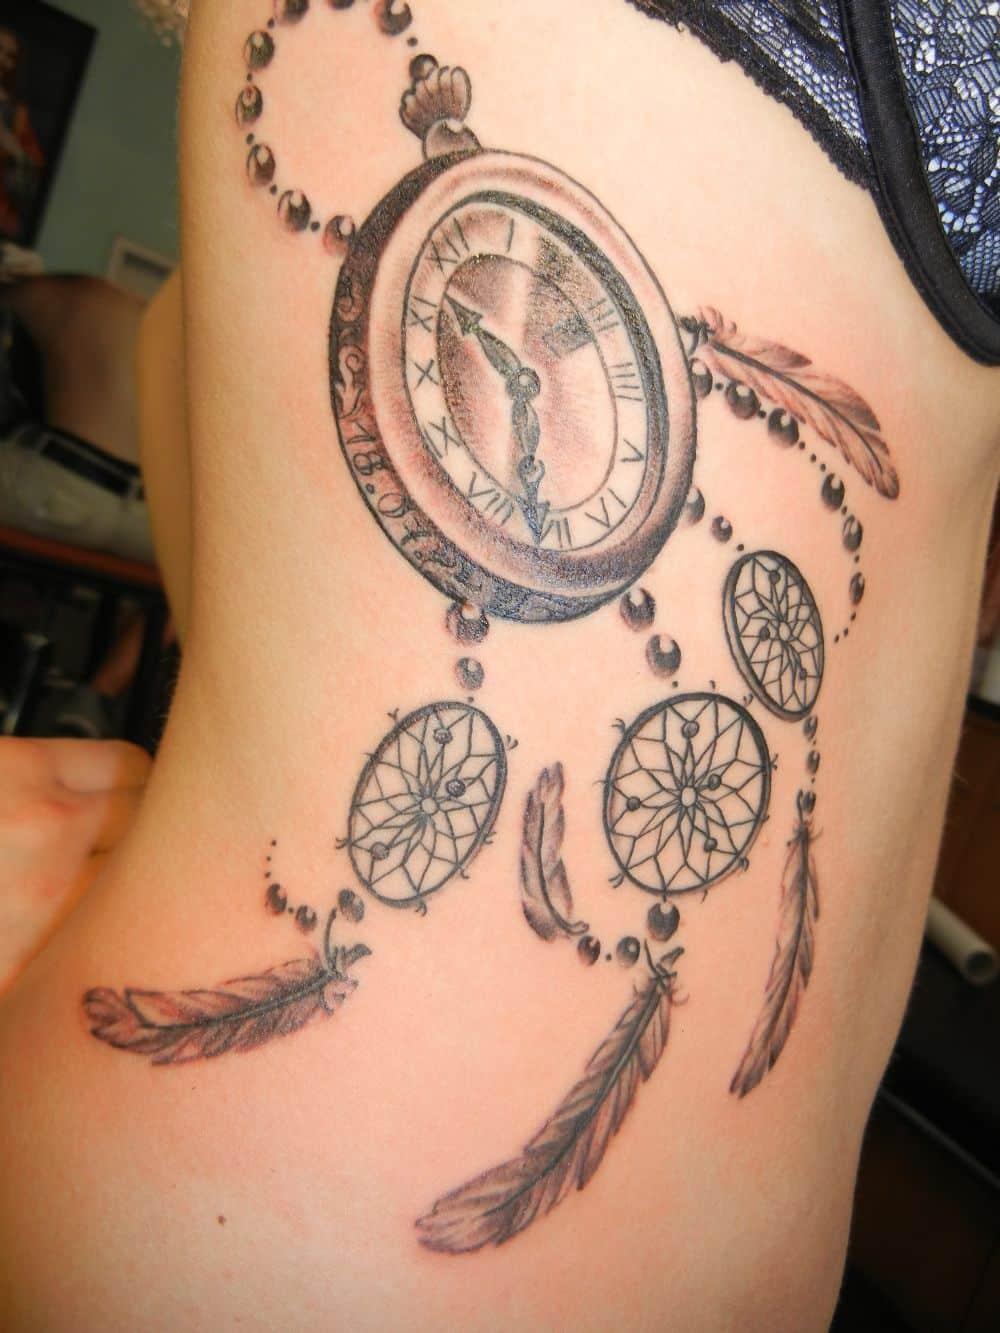 tatuaje de atrapa sueños celeste con reloj